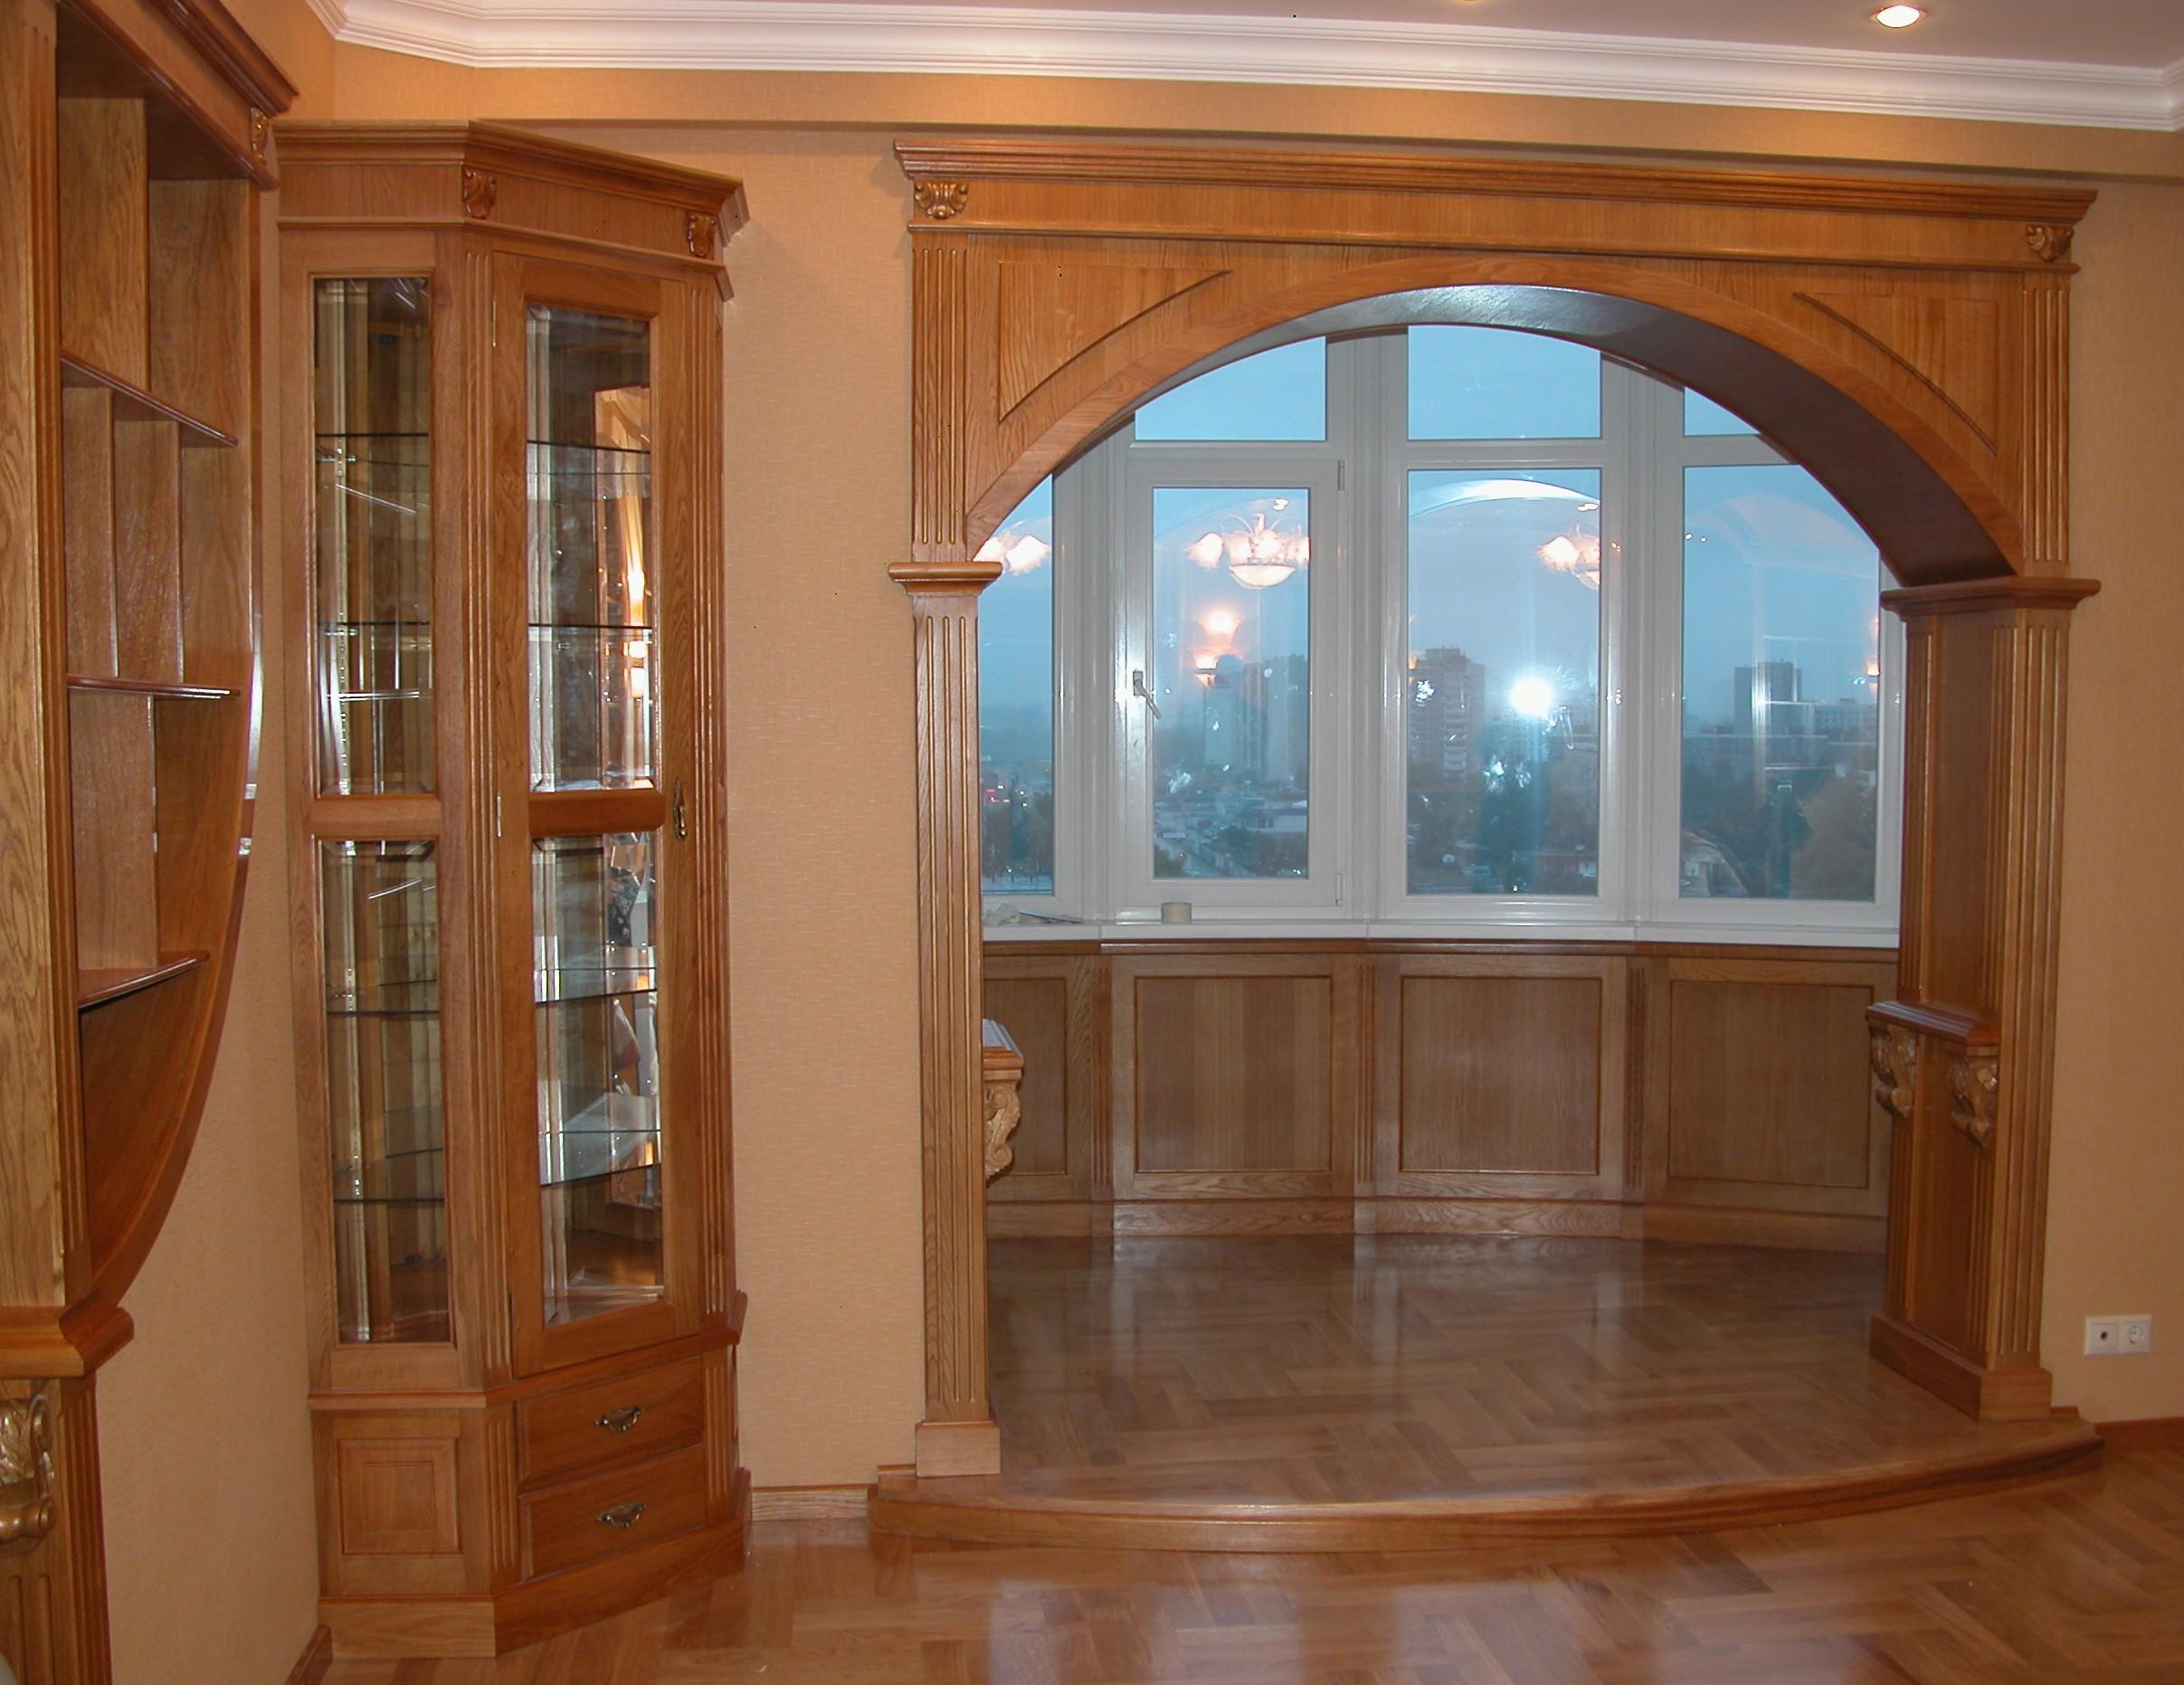 деревянная арка в квартире